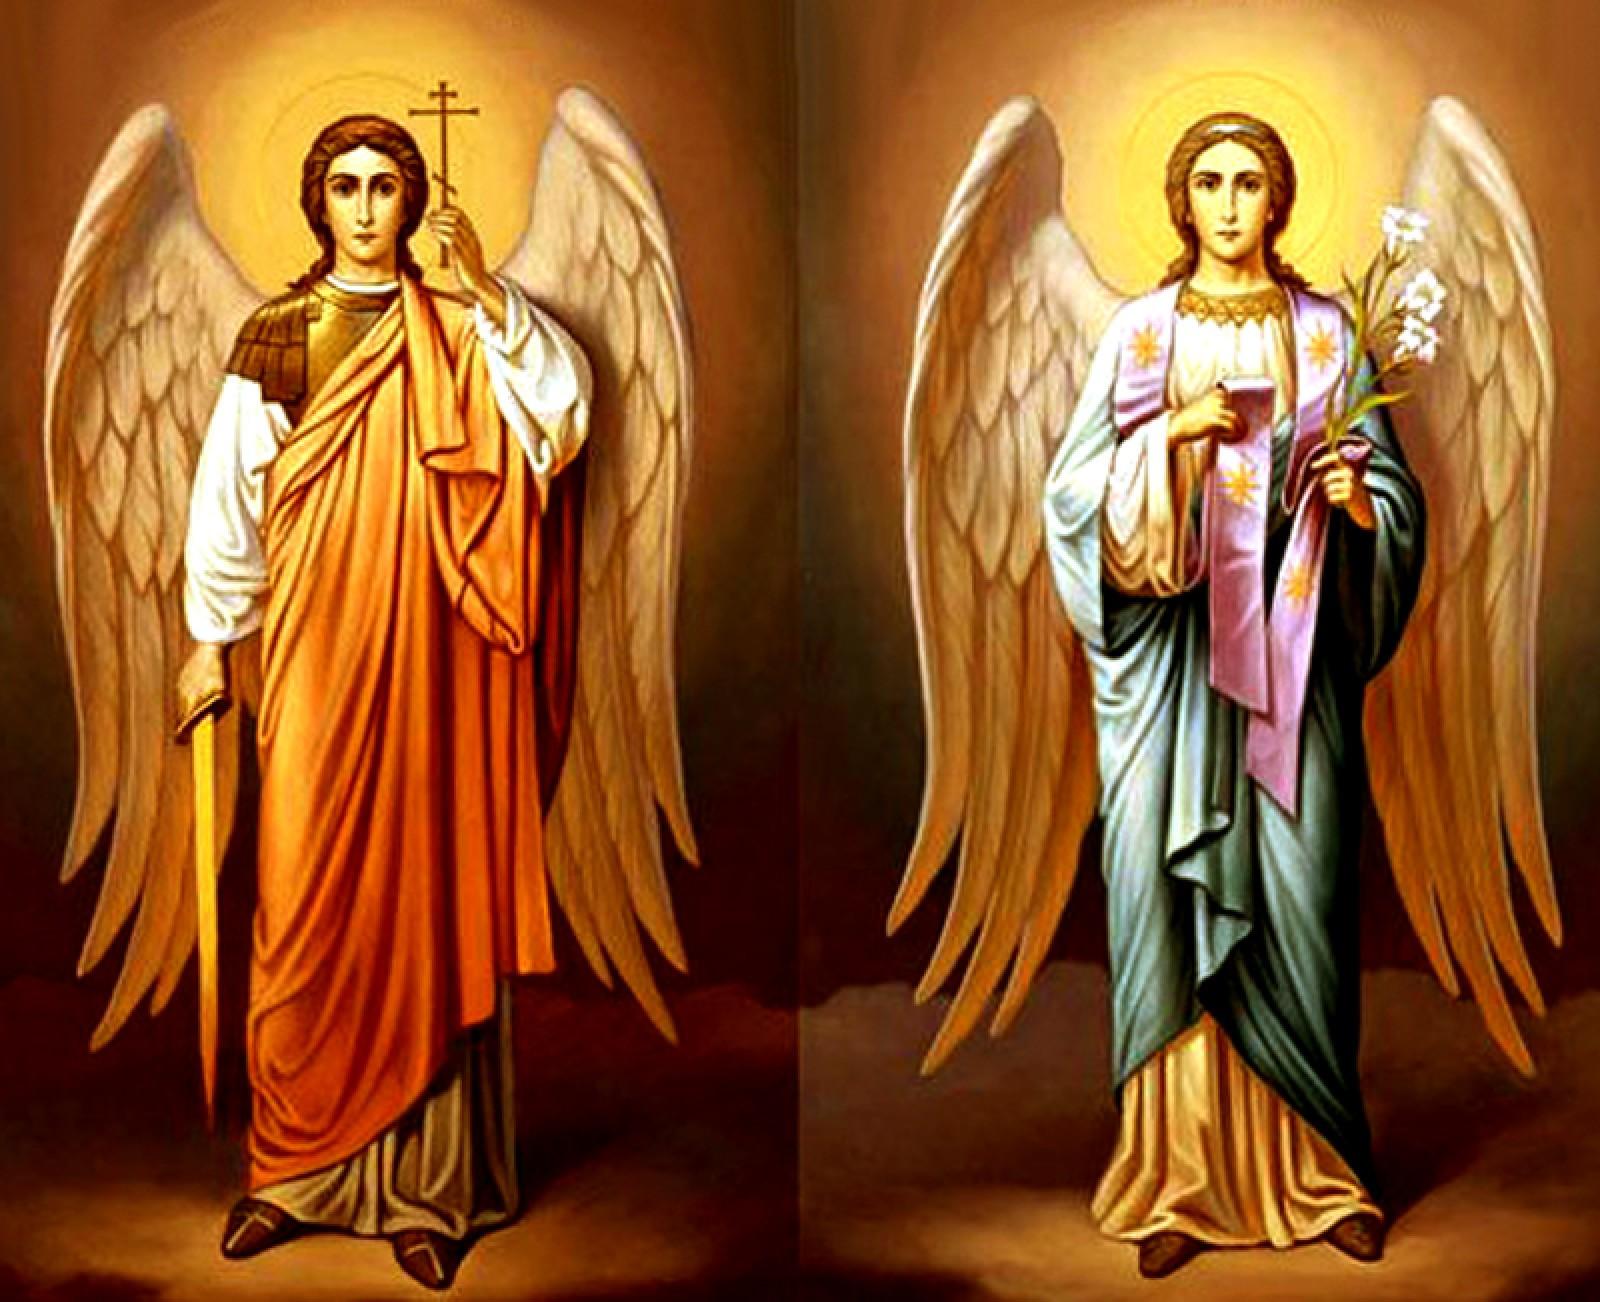 Sfinții Arhangheli Mihail și Gavriil sunt prăznuiți pe 8 noiembrie. Aceasta este o zi de sărbătoare, marcată cu cruce roșie în calendarul creștin-ortodox.